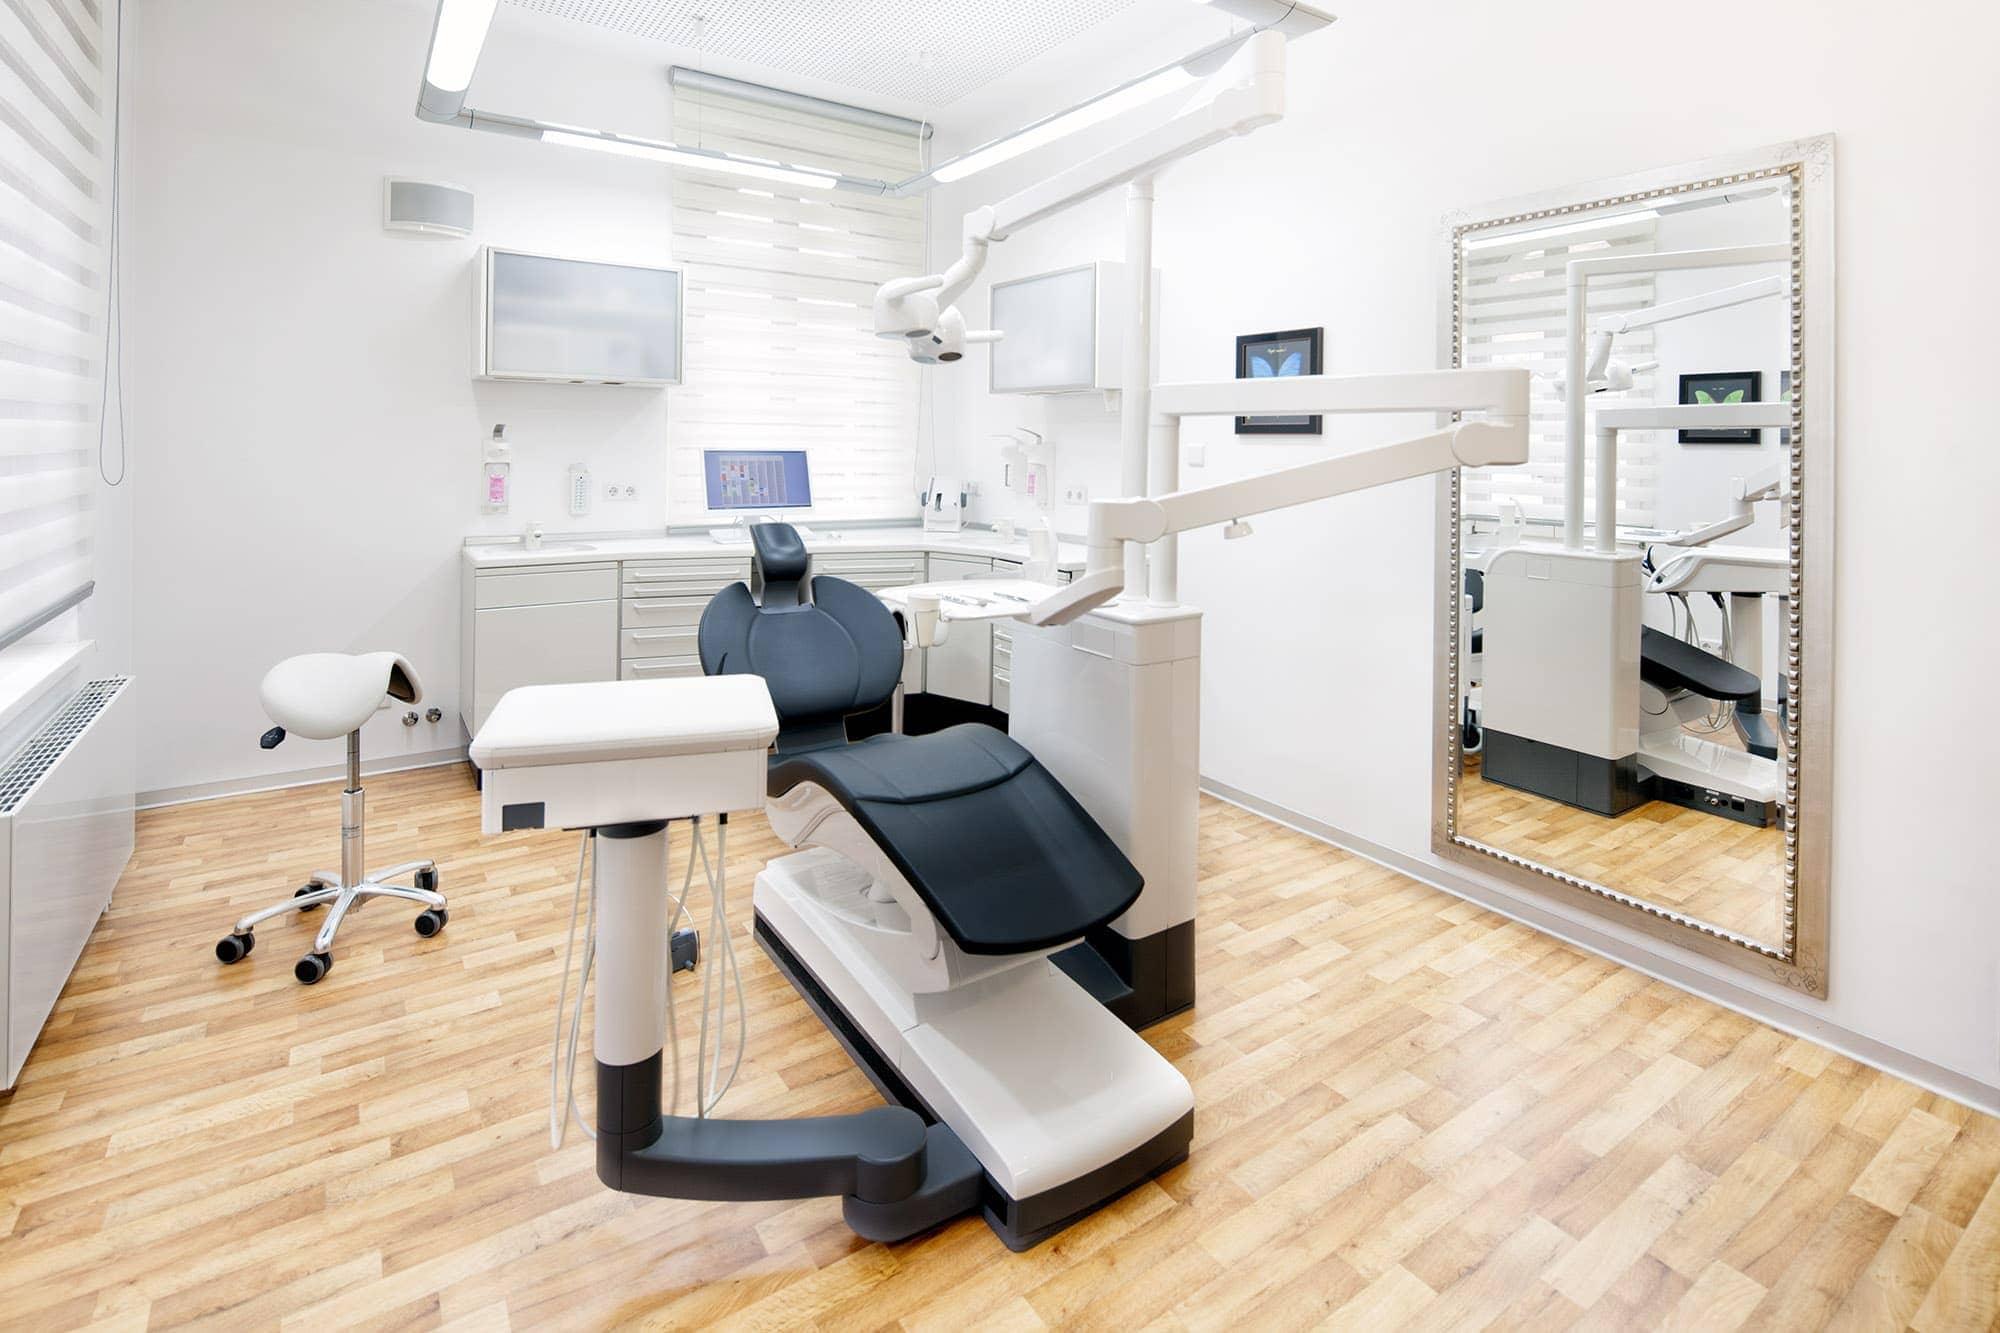 hochwertige interieur-fotografie in einer zahnarztpraaxis. hier können die kunden schon vorab einen blick in die praxis werfen.